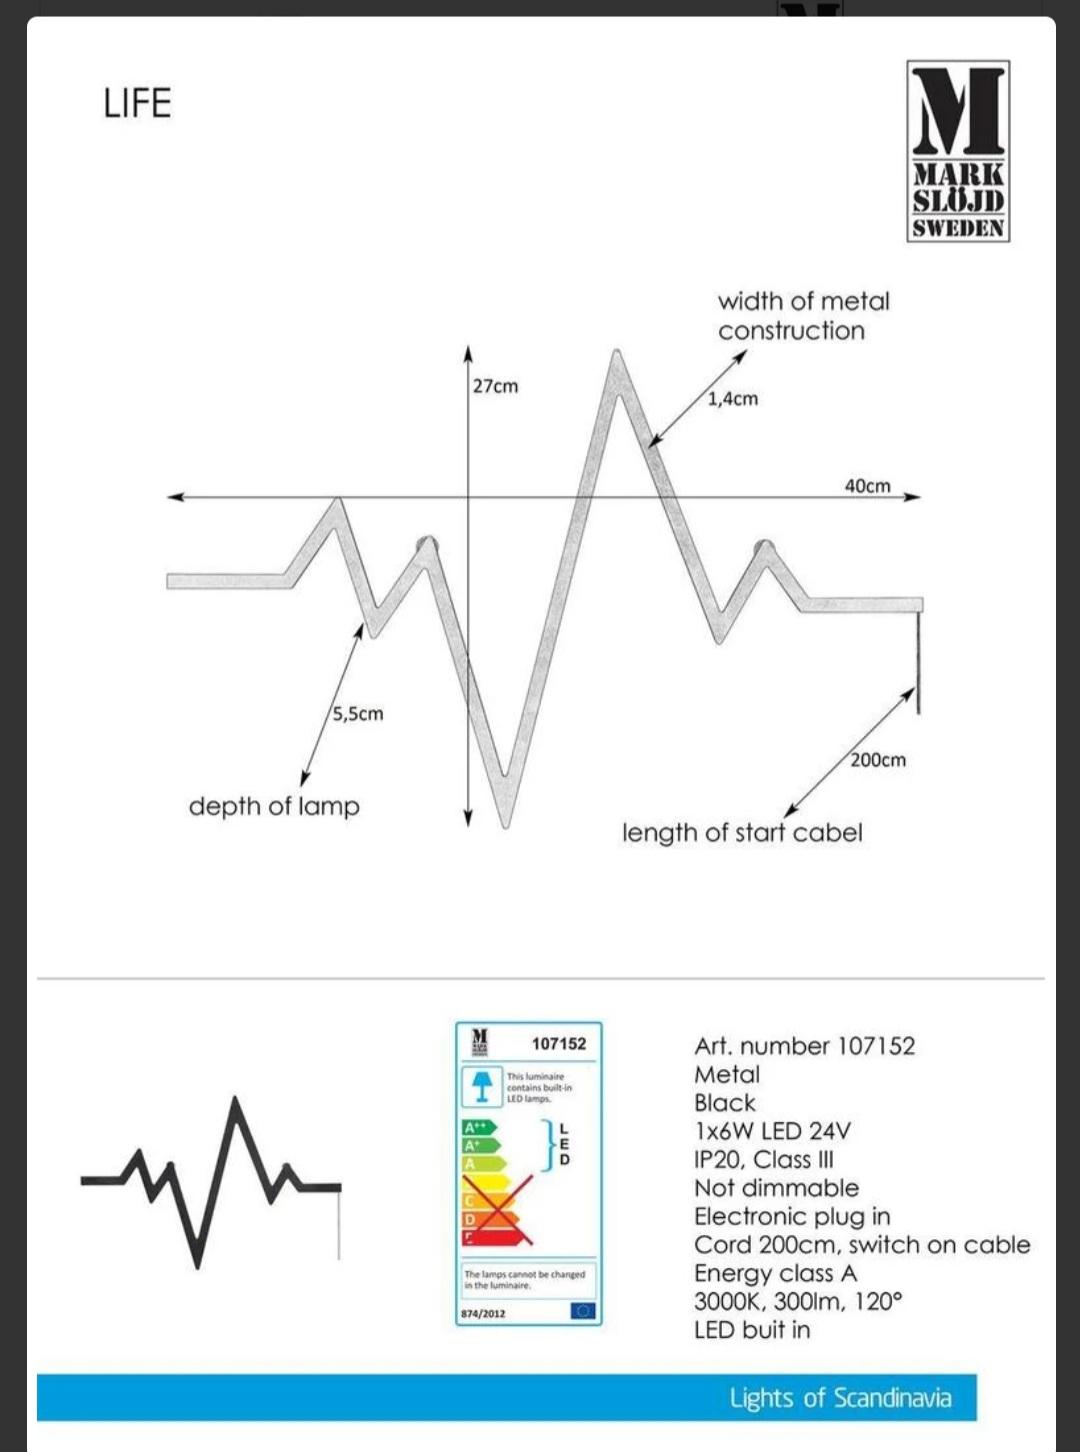 LIFE černé nástěnné svítidlo 40cm EKG - Obrázek č. 2